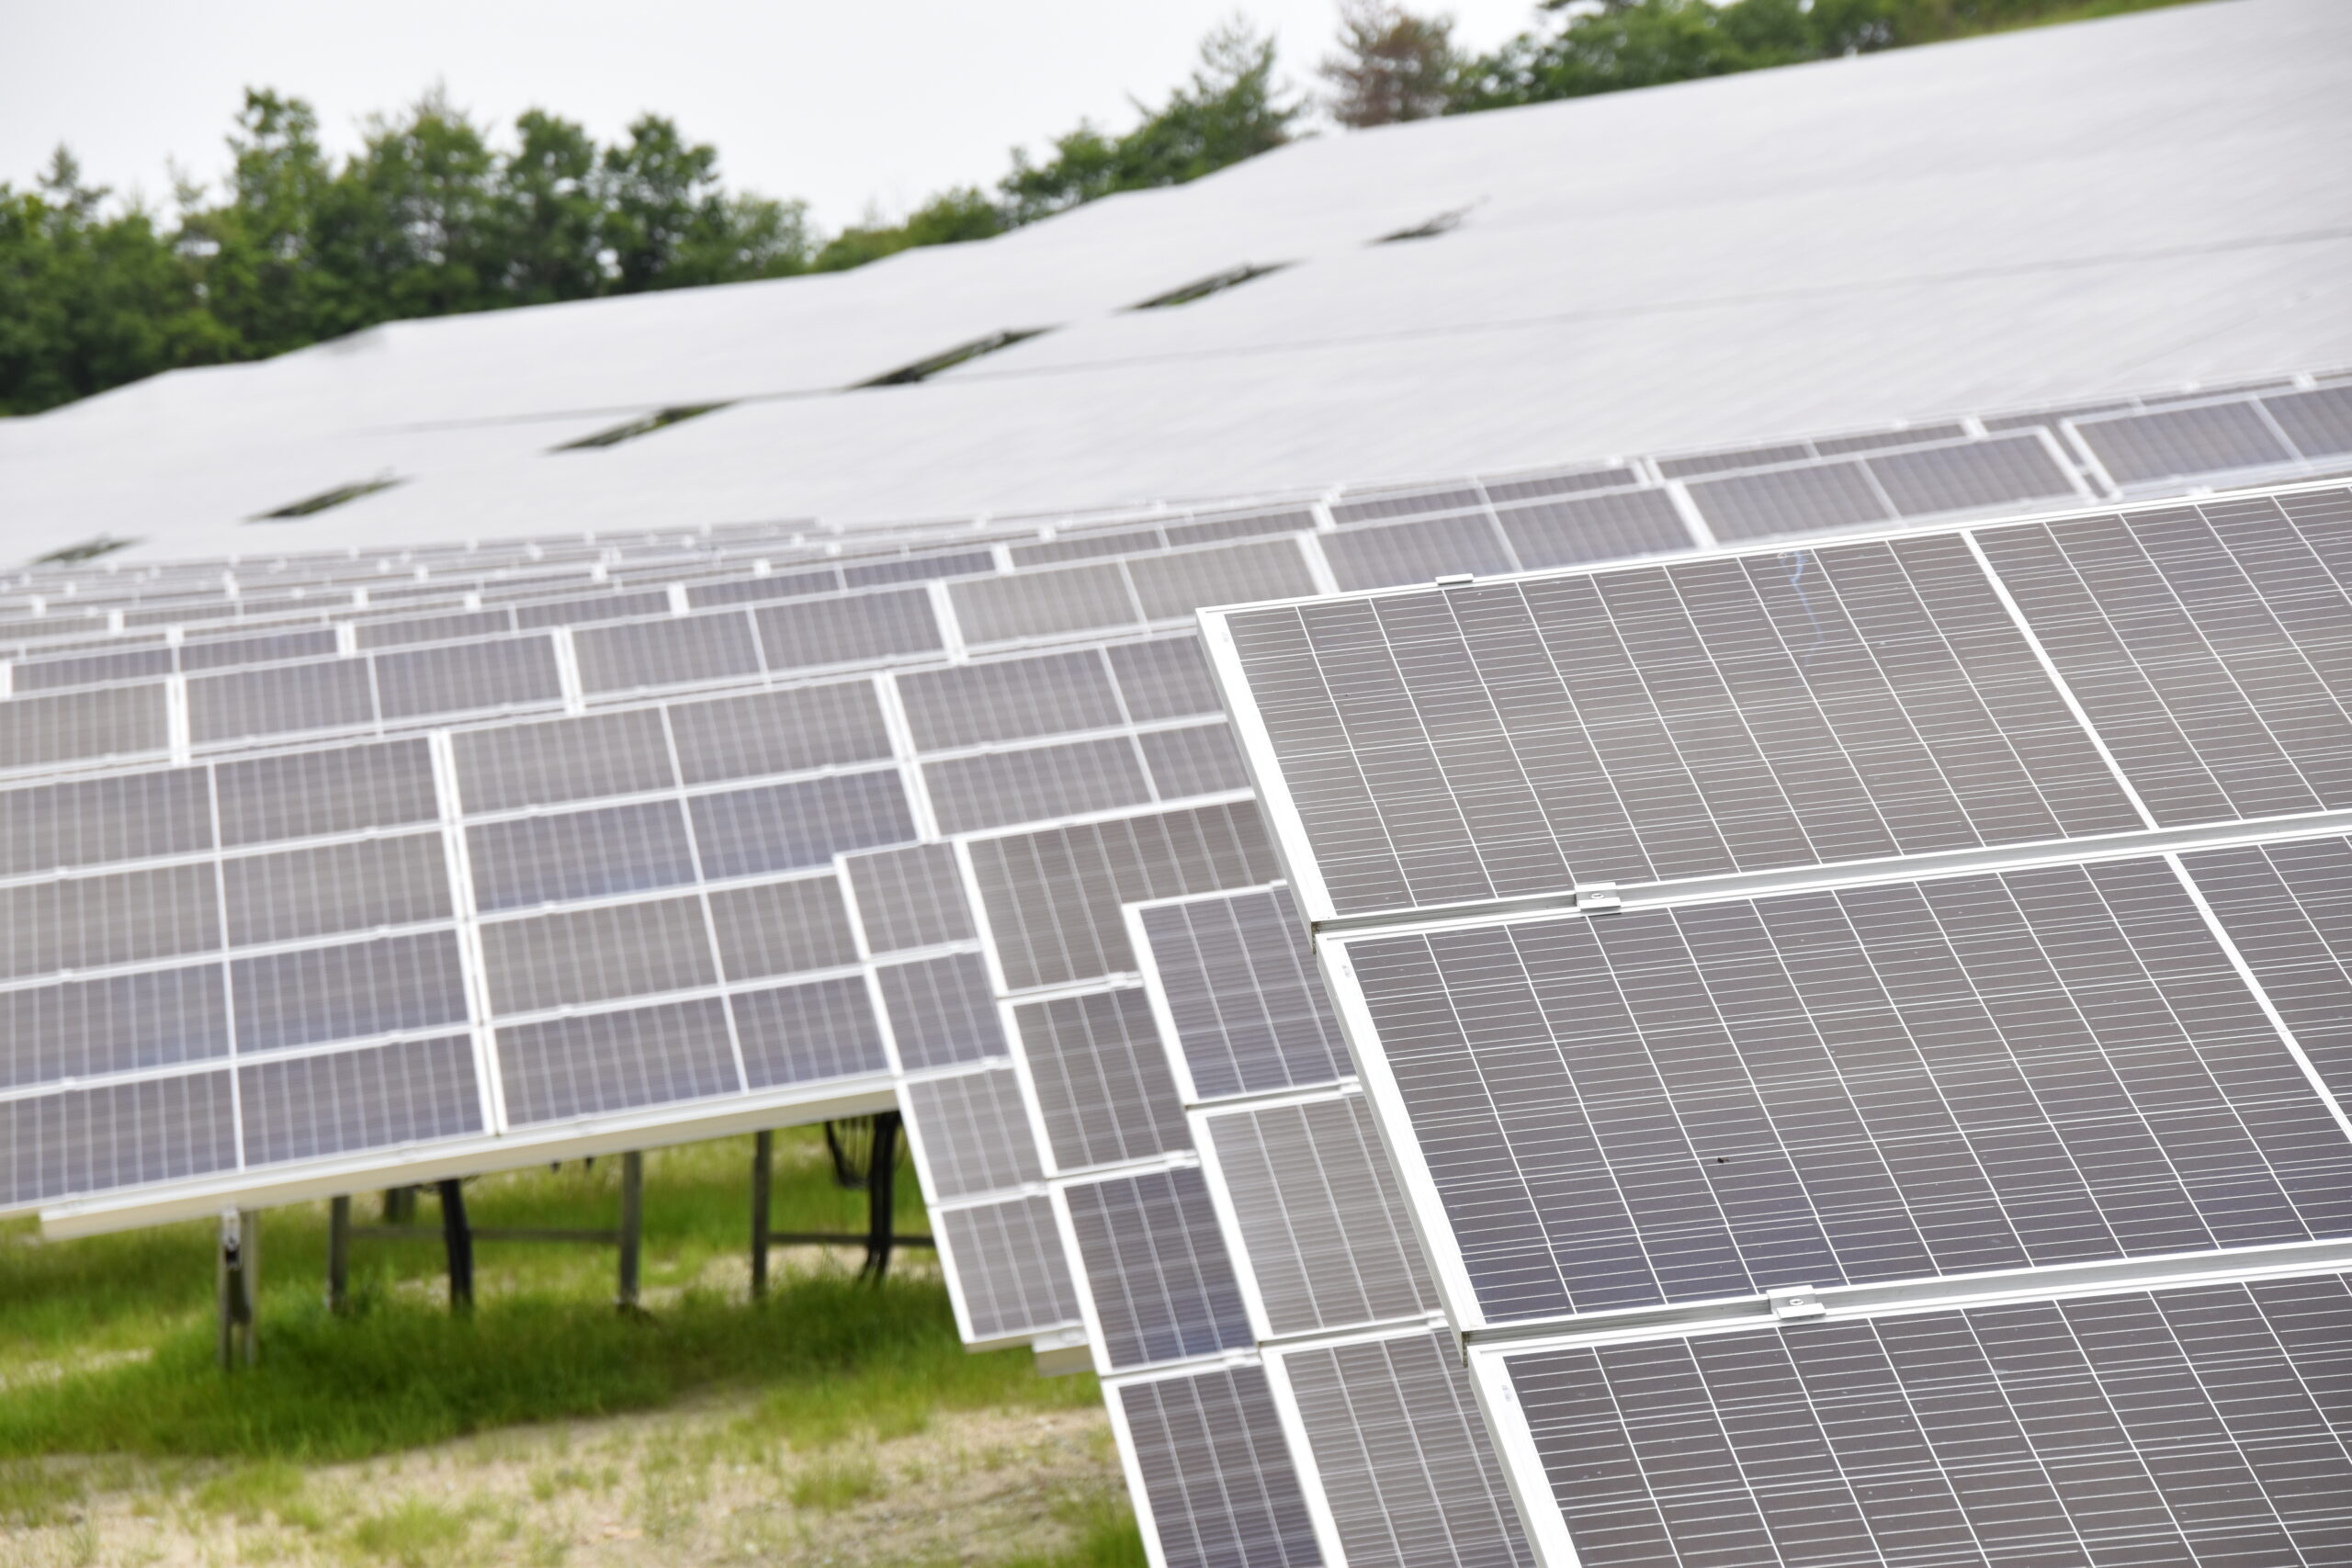 【サステナブルスイッチ】中古太陽光発電所(セカンダリー)市場の現状